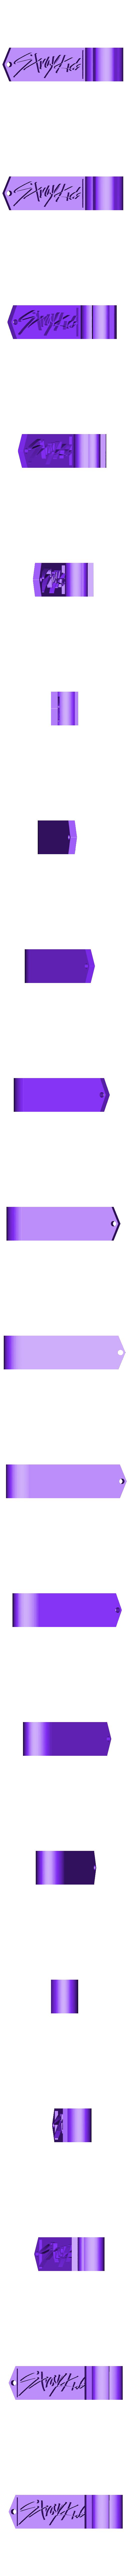 Stray Kids.stl Télécharger fichier STL gratuit KPop - porte-clés pour téléphone (8 groupes) • Modèle imprimable en 3D, CheesmondN